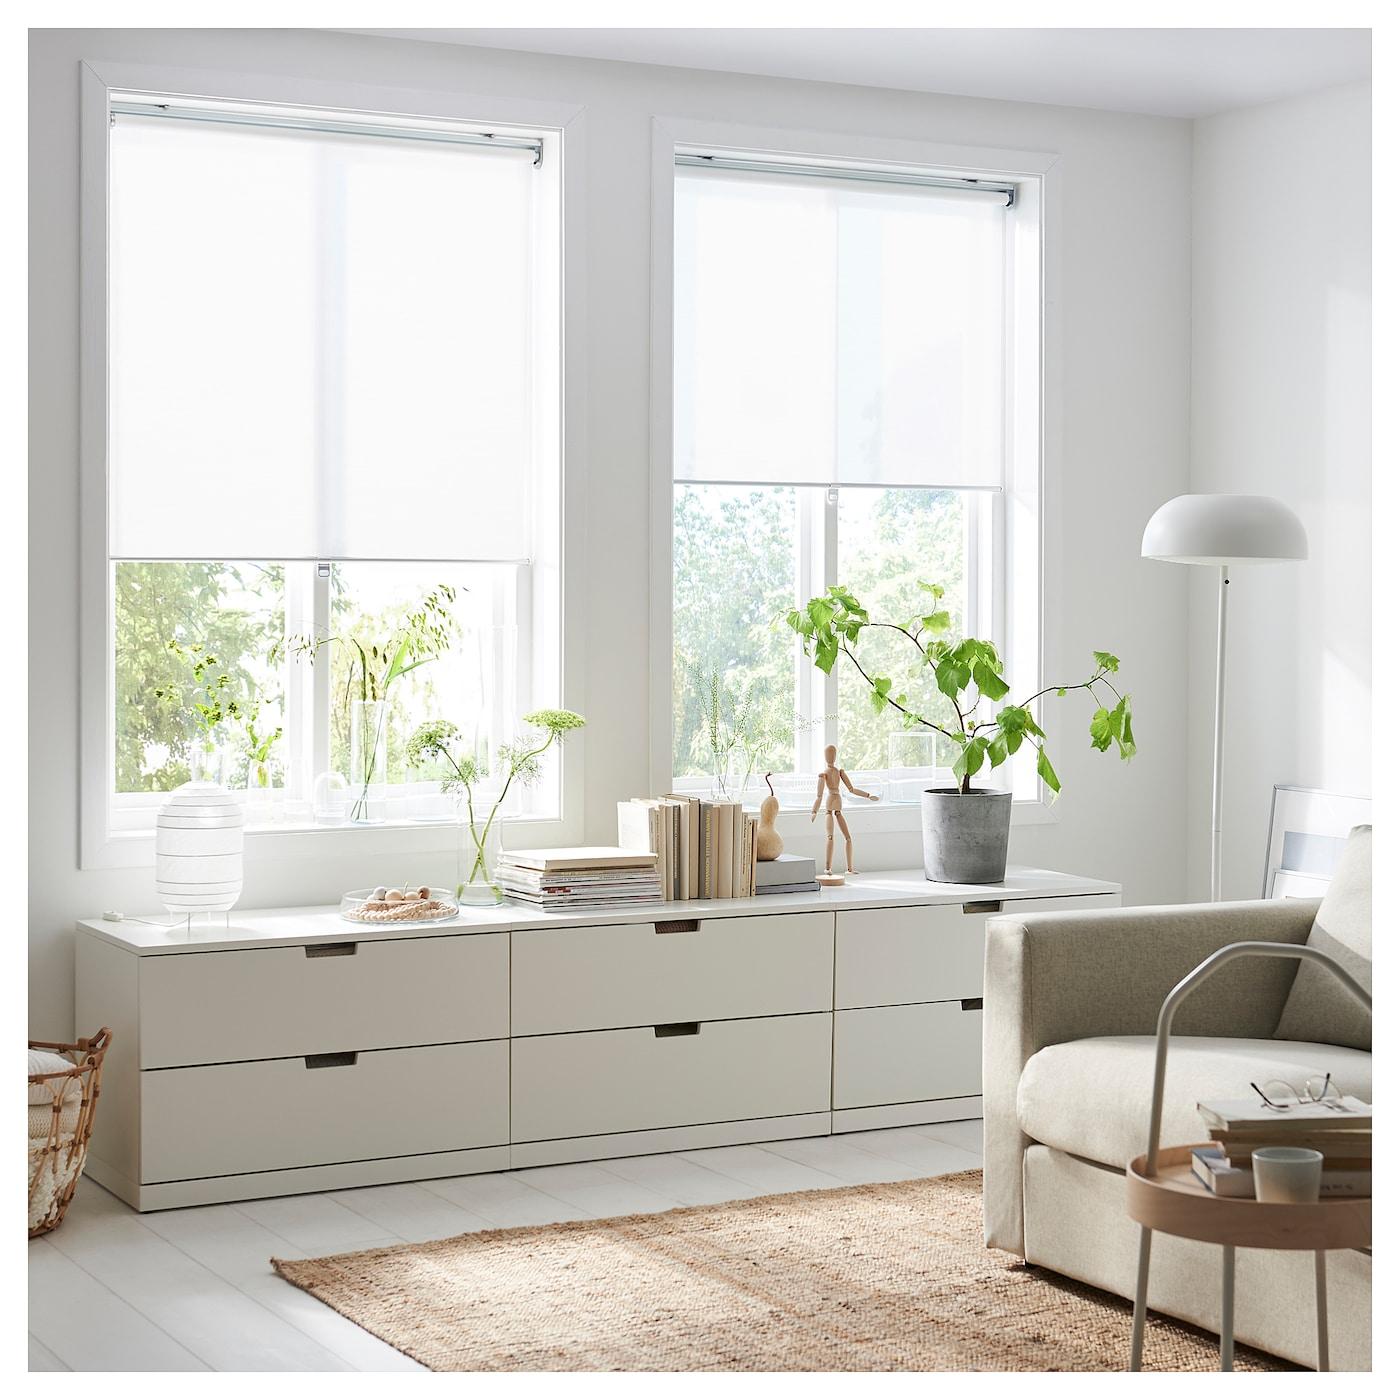 SKOGSKLÖVER Rollo - weiß 17x17 cm